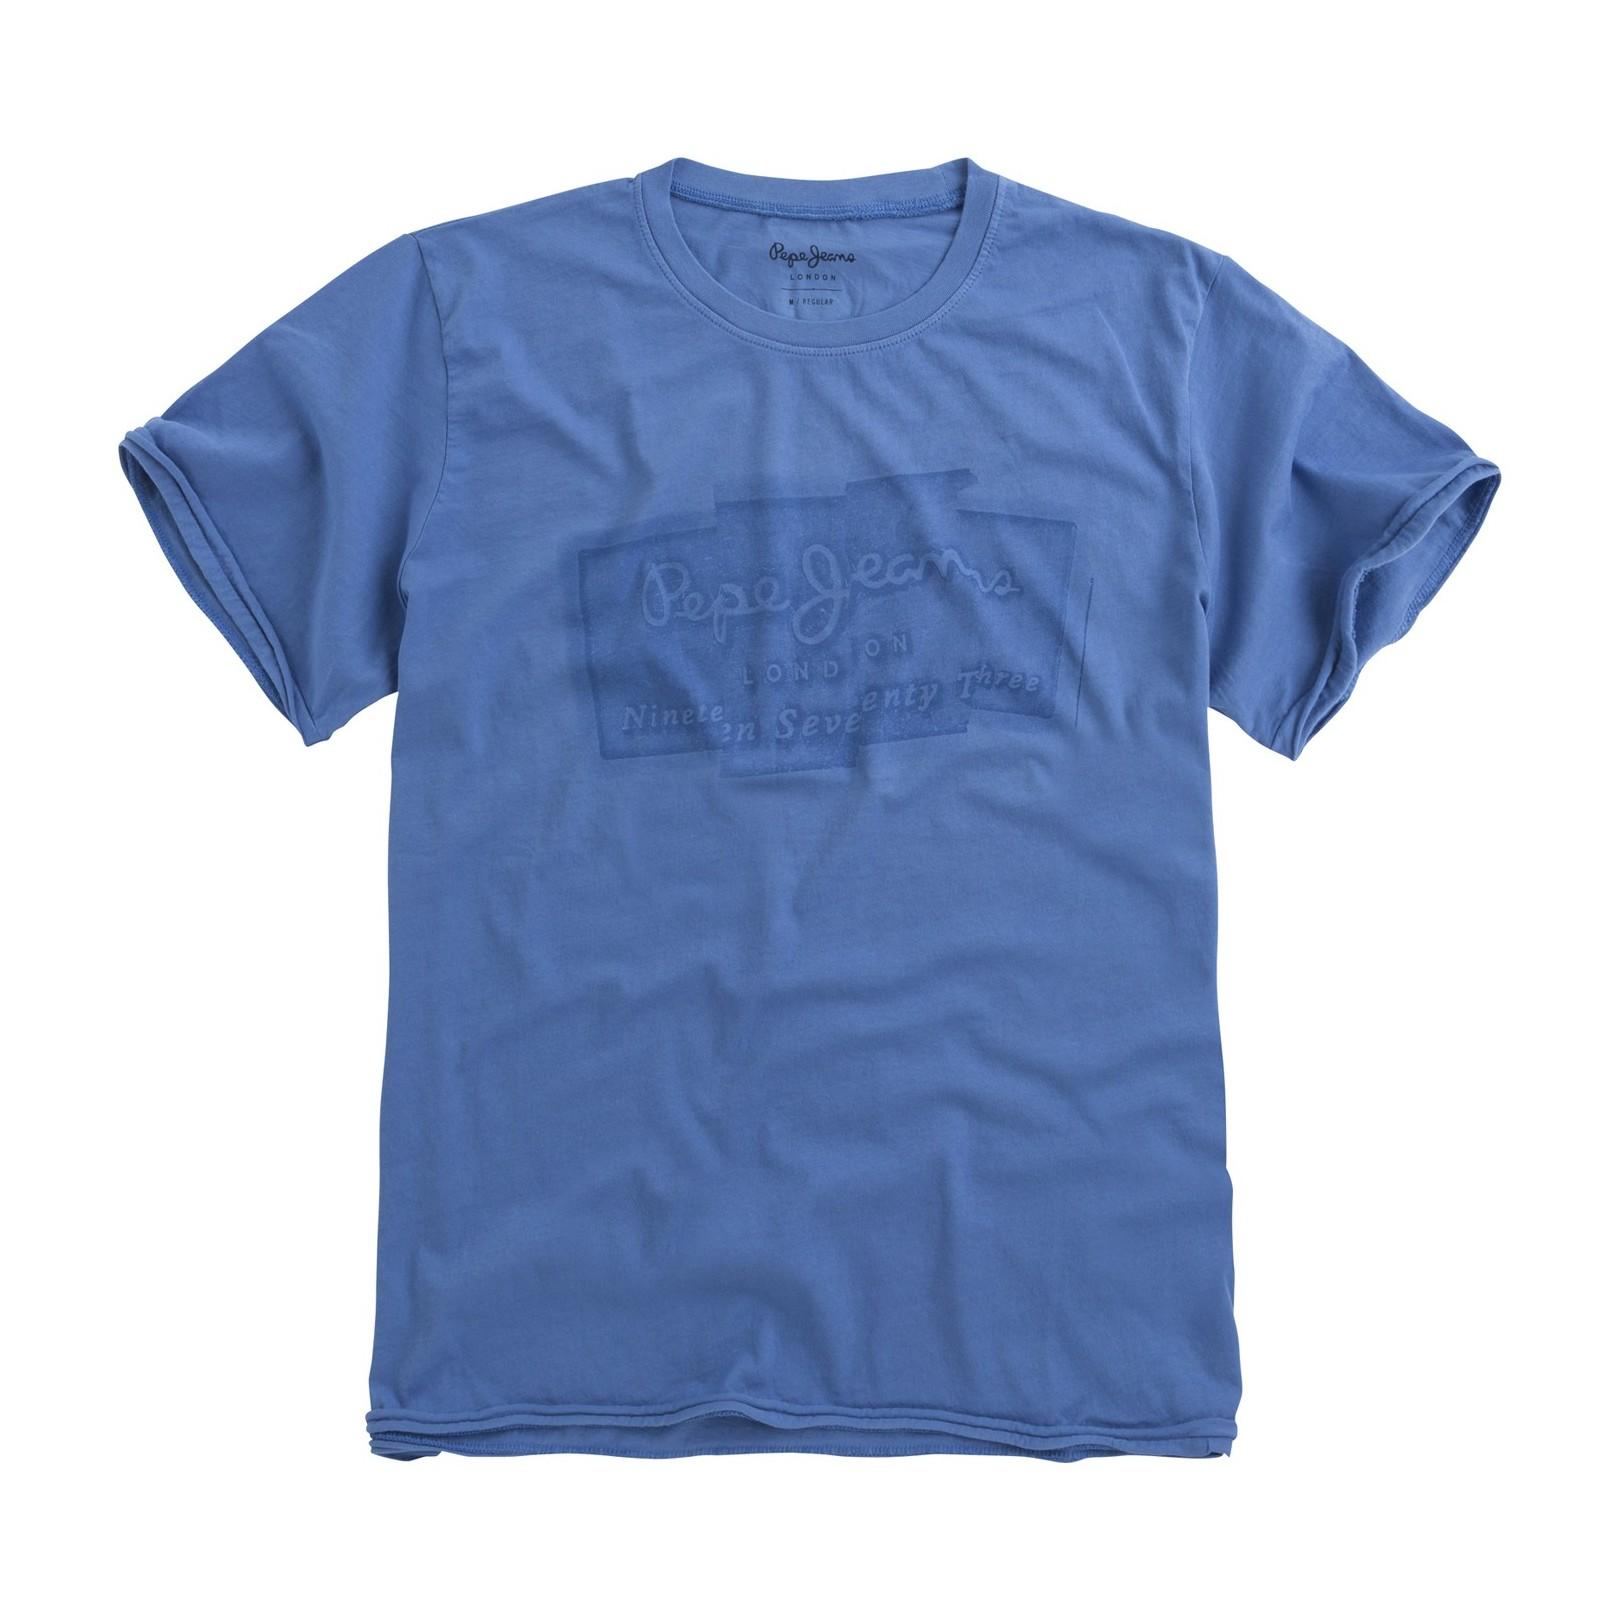 Tee Shirt Pepe Jeans Izzo